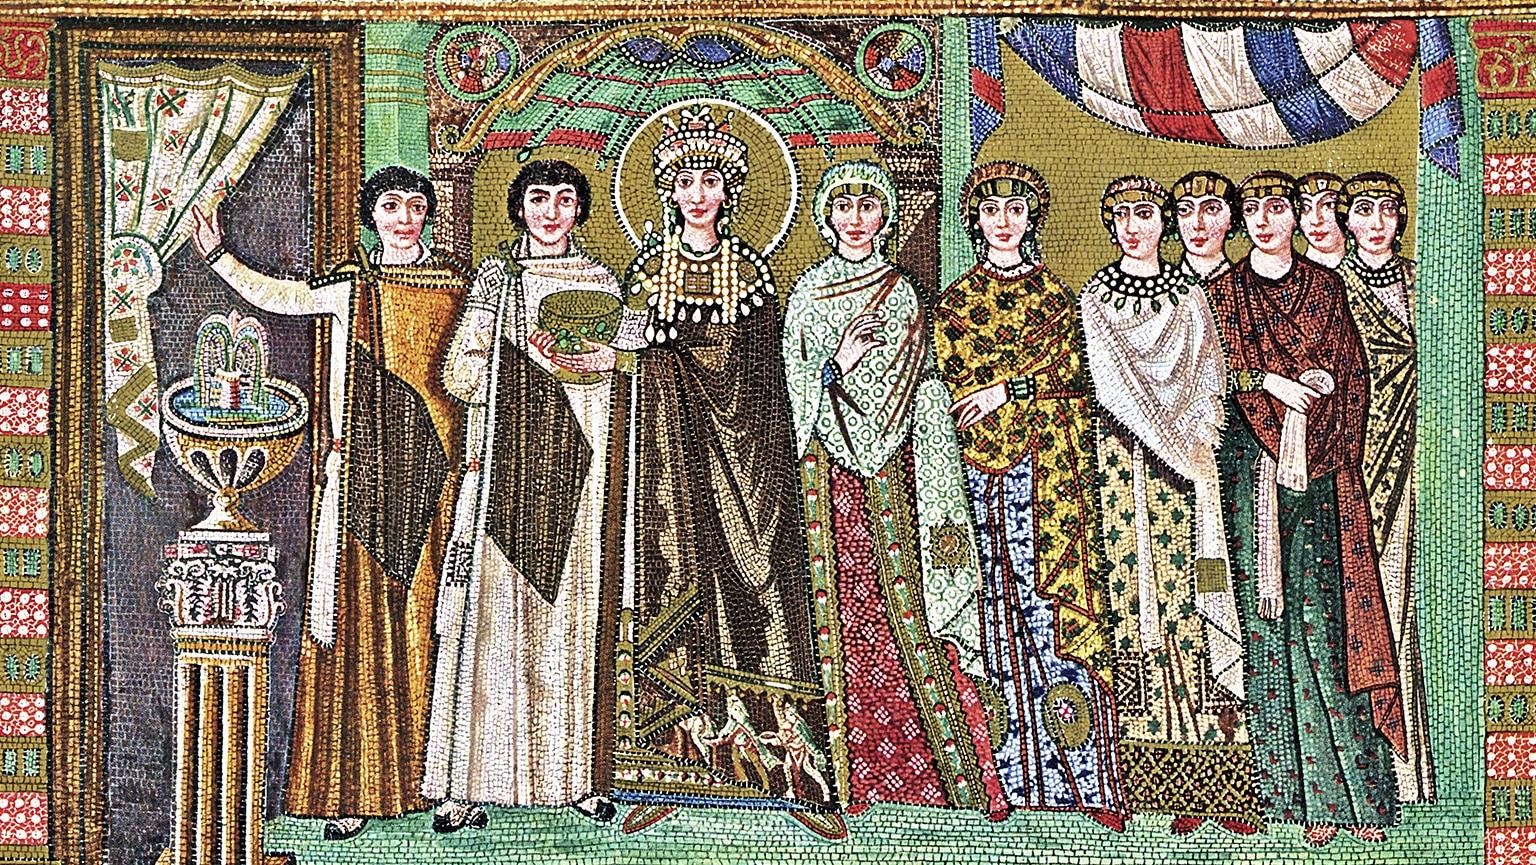 Αποτέλεσμα εικόνας για byzantine empire